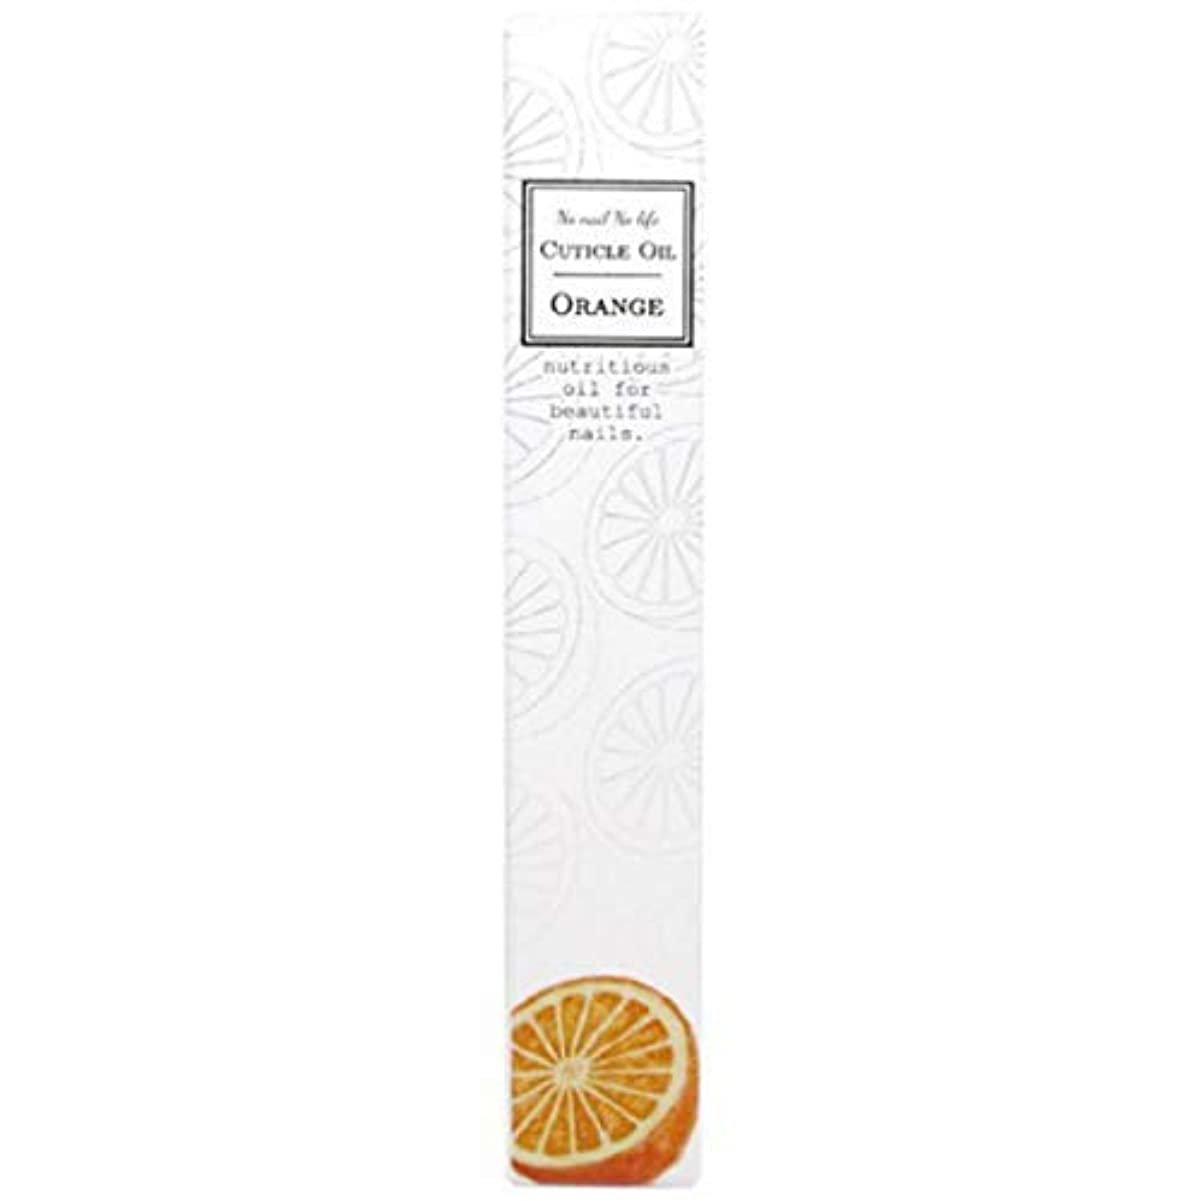 取り扱いミット素朴なネイルオイル キューティクルオイル ペンタイプ 1本 (オレンジ)